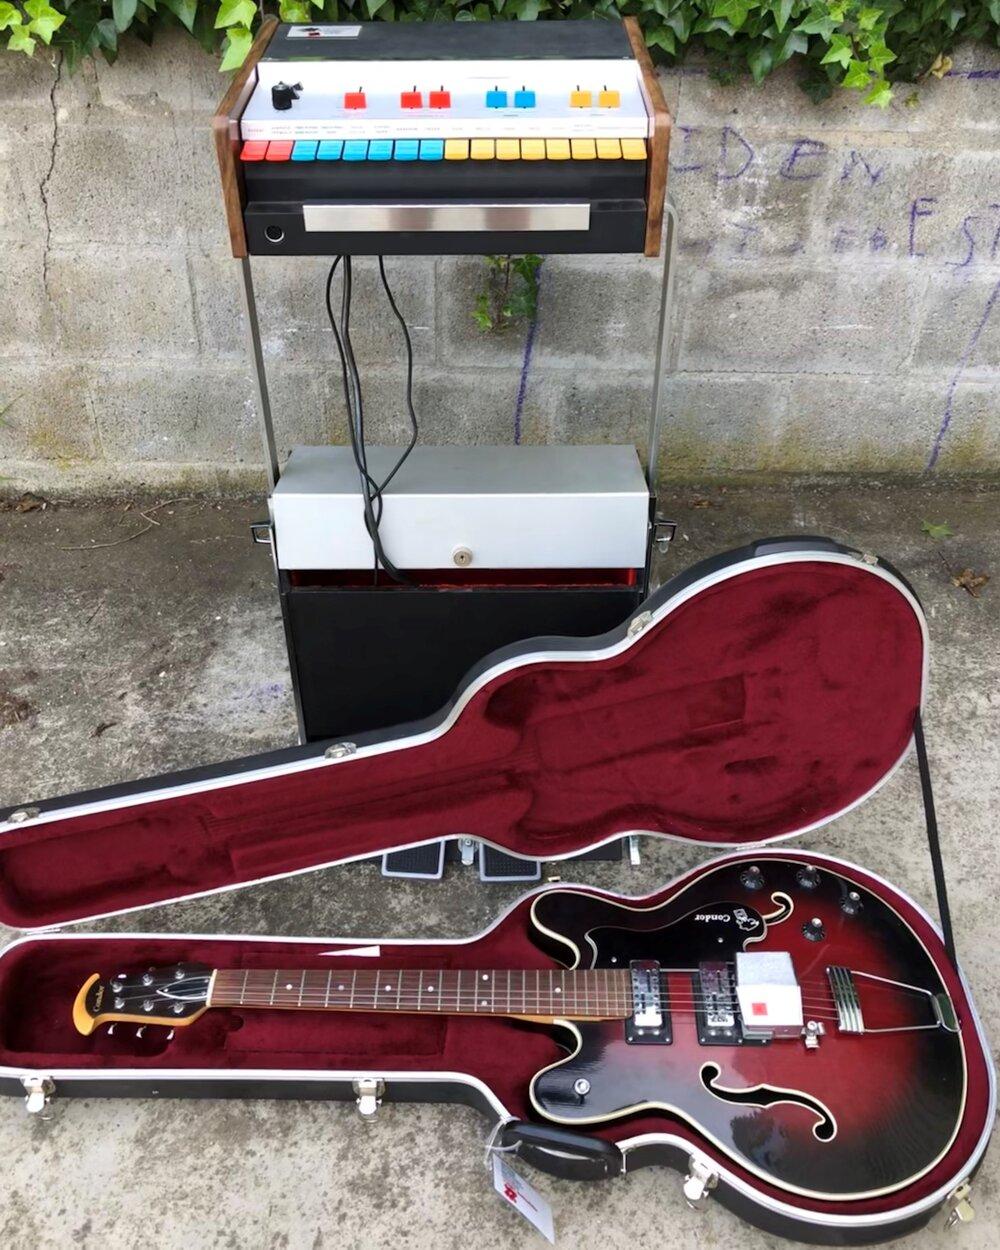 Ovation Condor Gsm Guitar Synth Www Gearzley Com